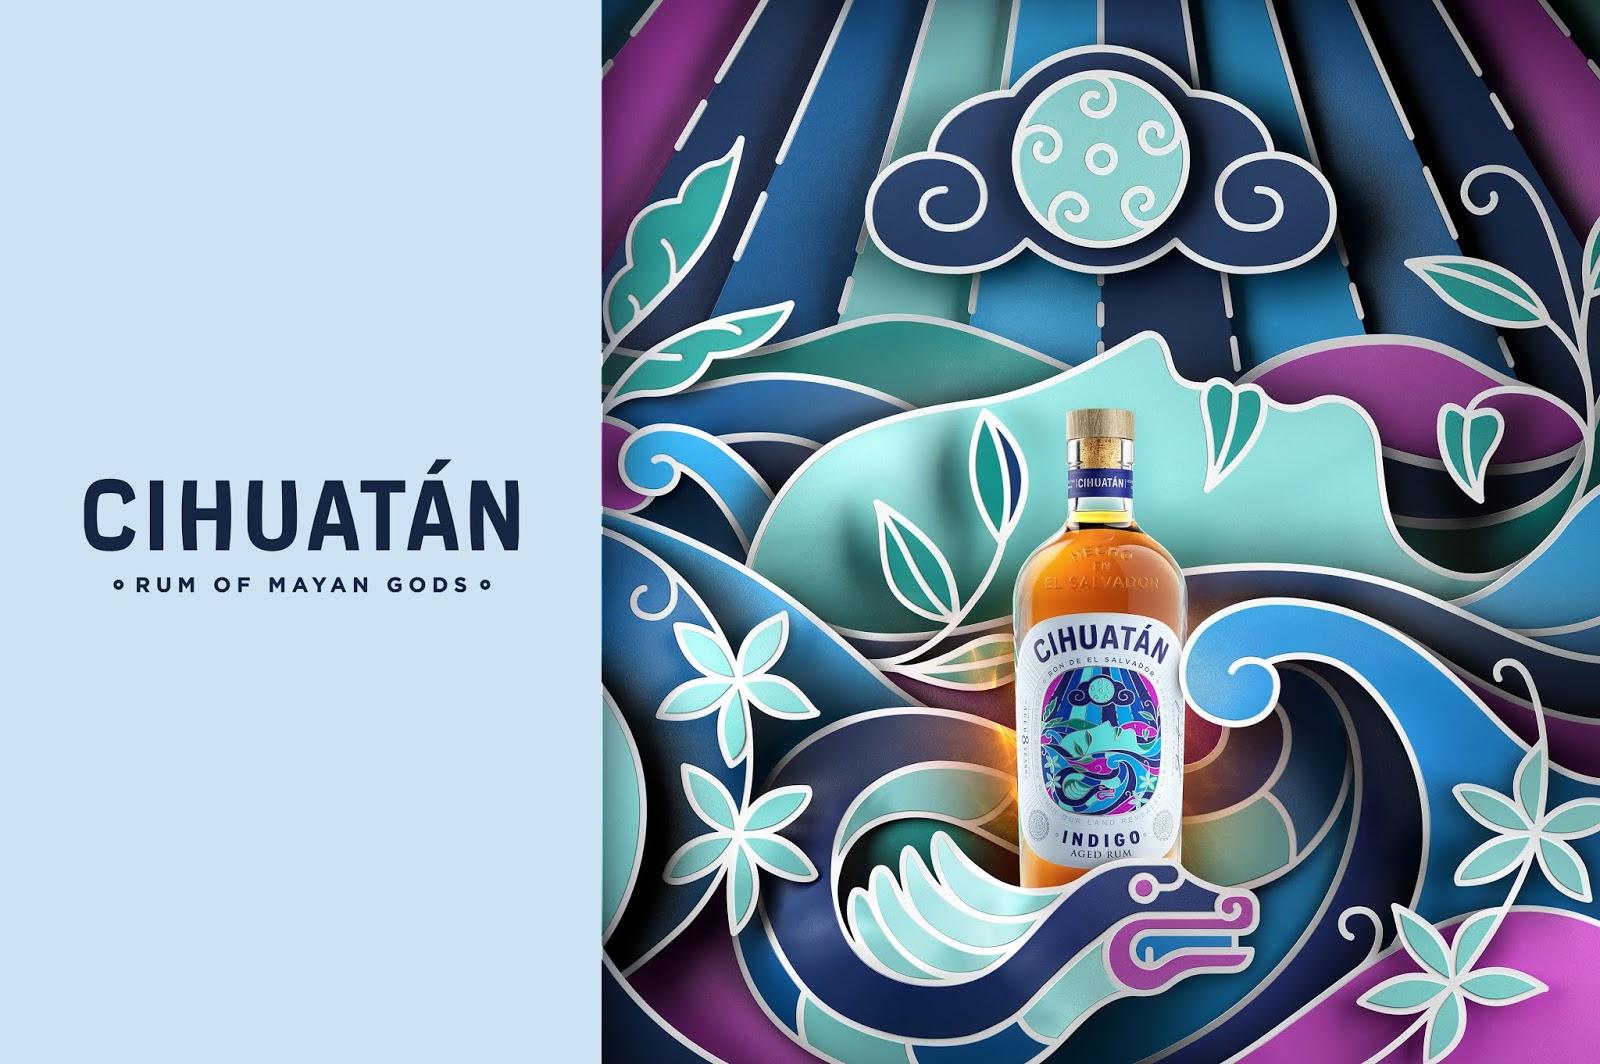 精致又高端 Cihuatán朗姆酒包装设计